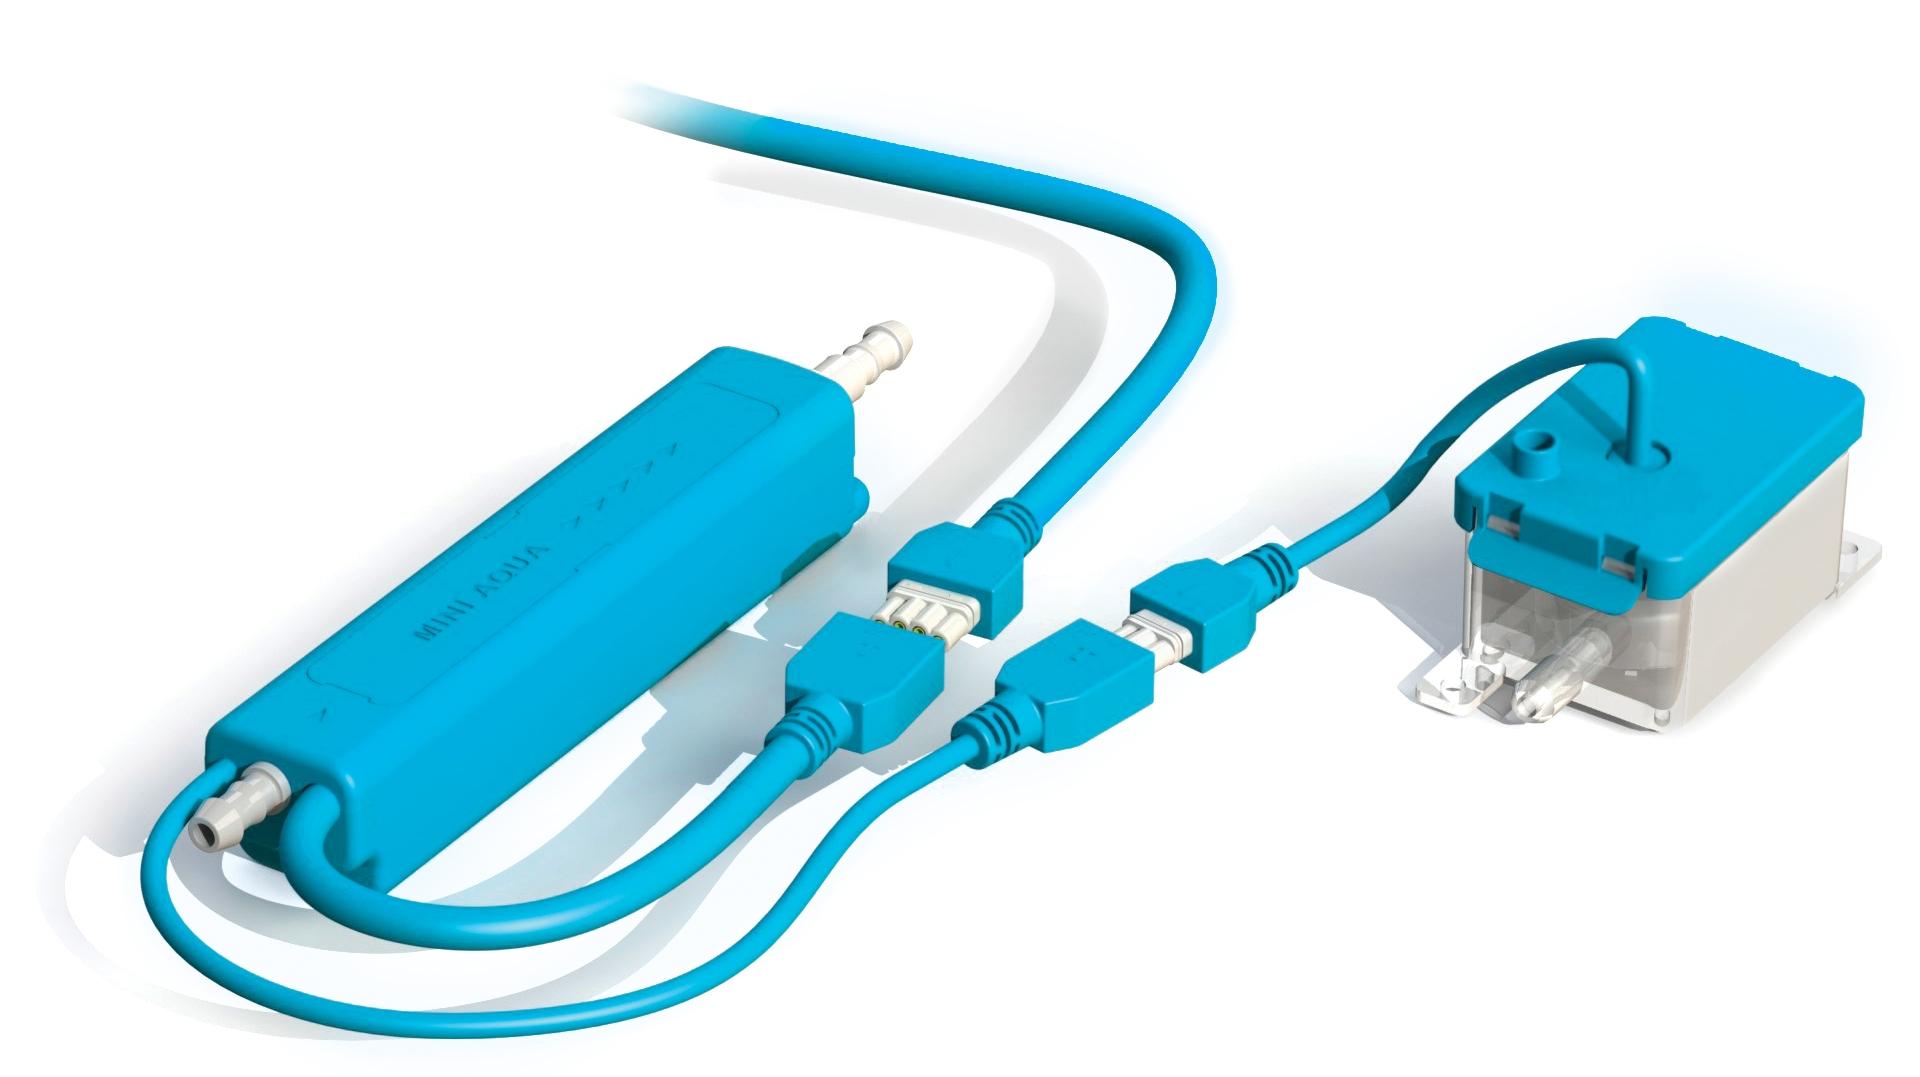 Pompa de condens Aspen Mini Aqua